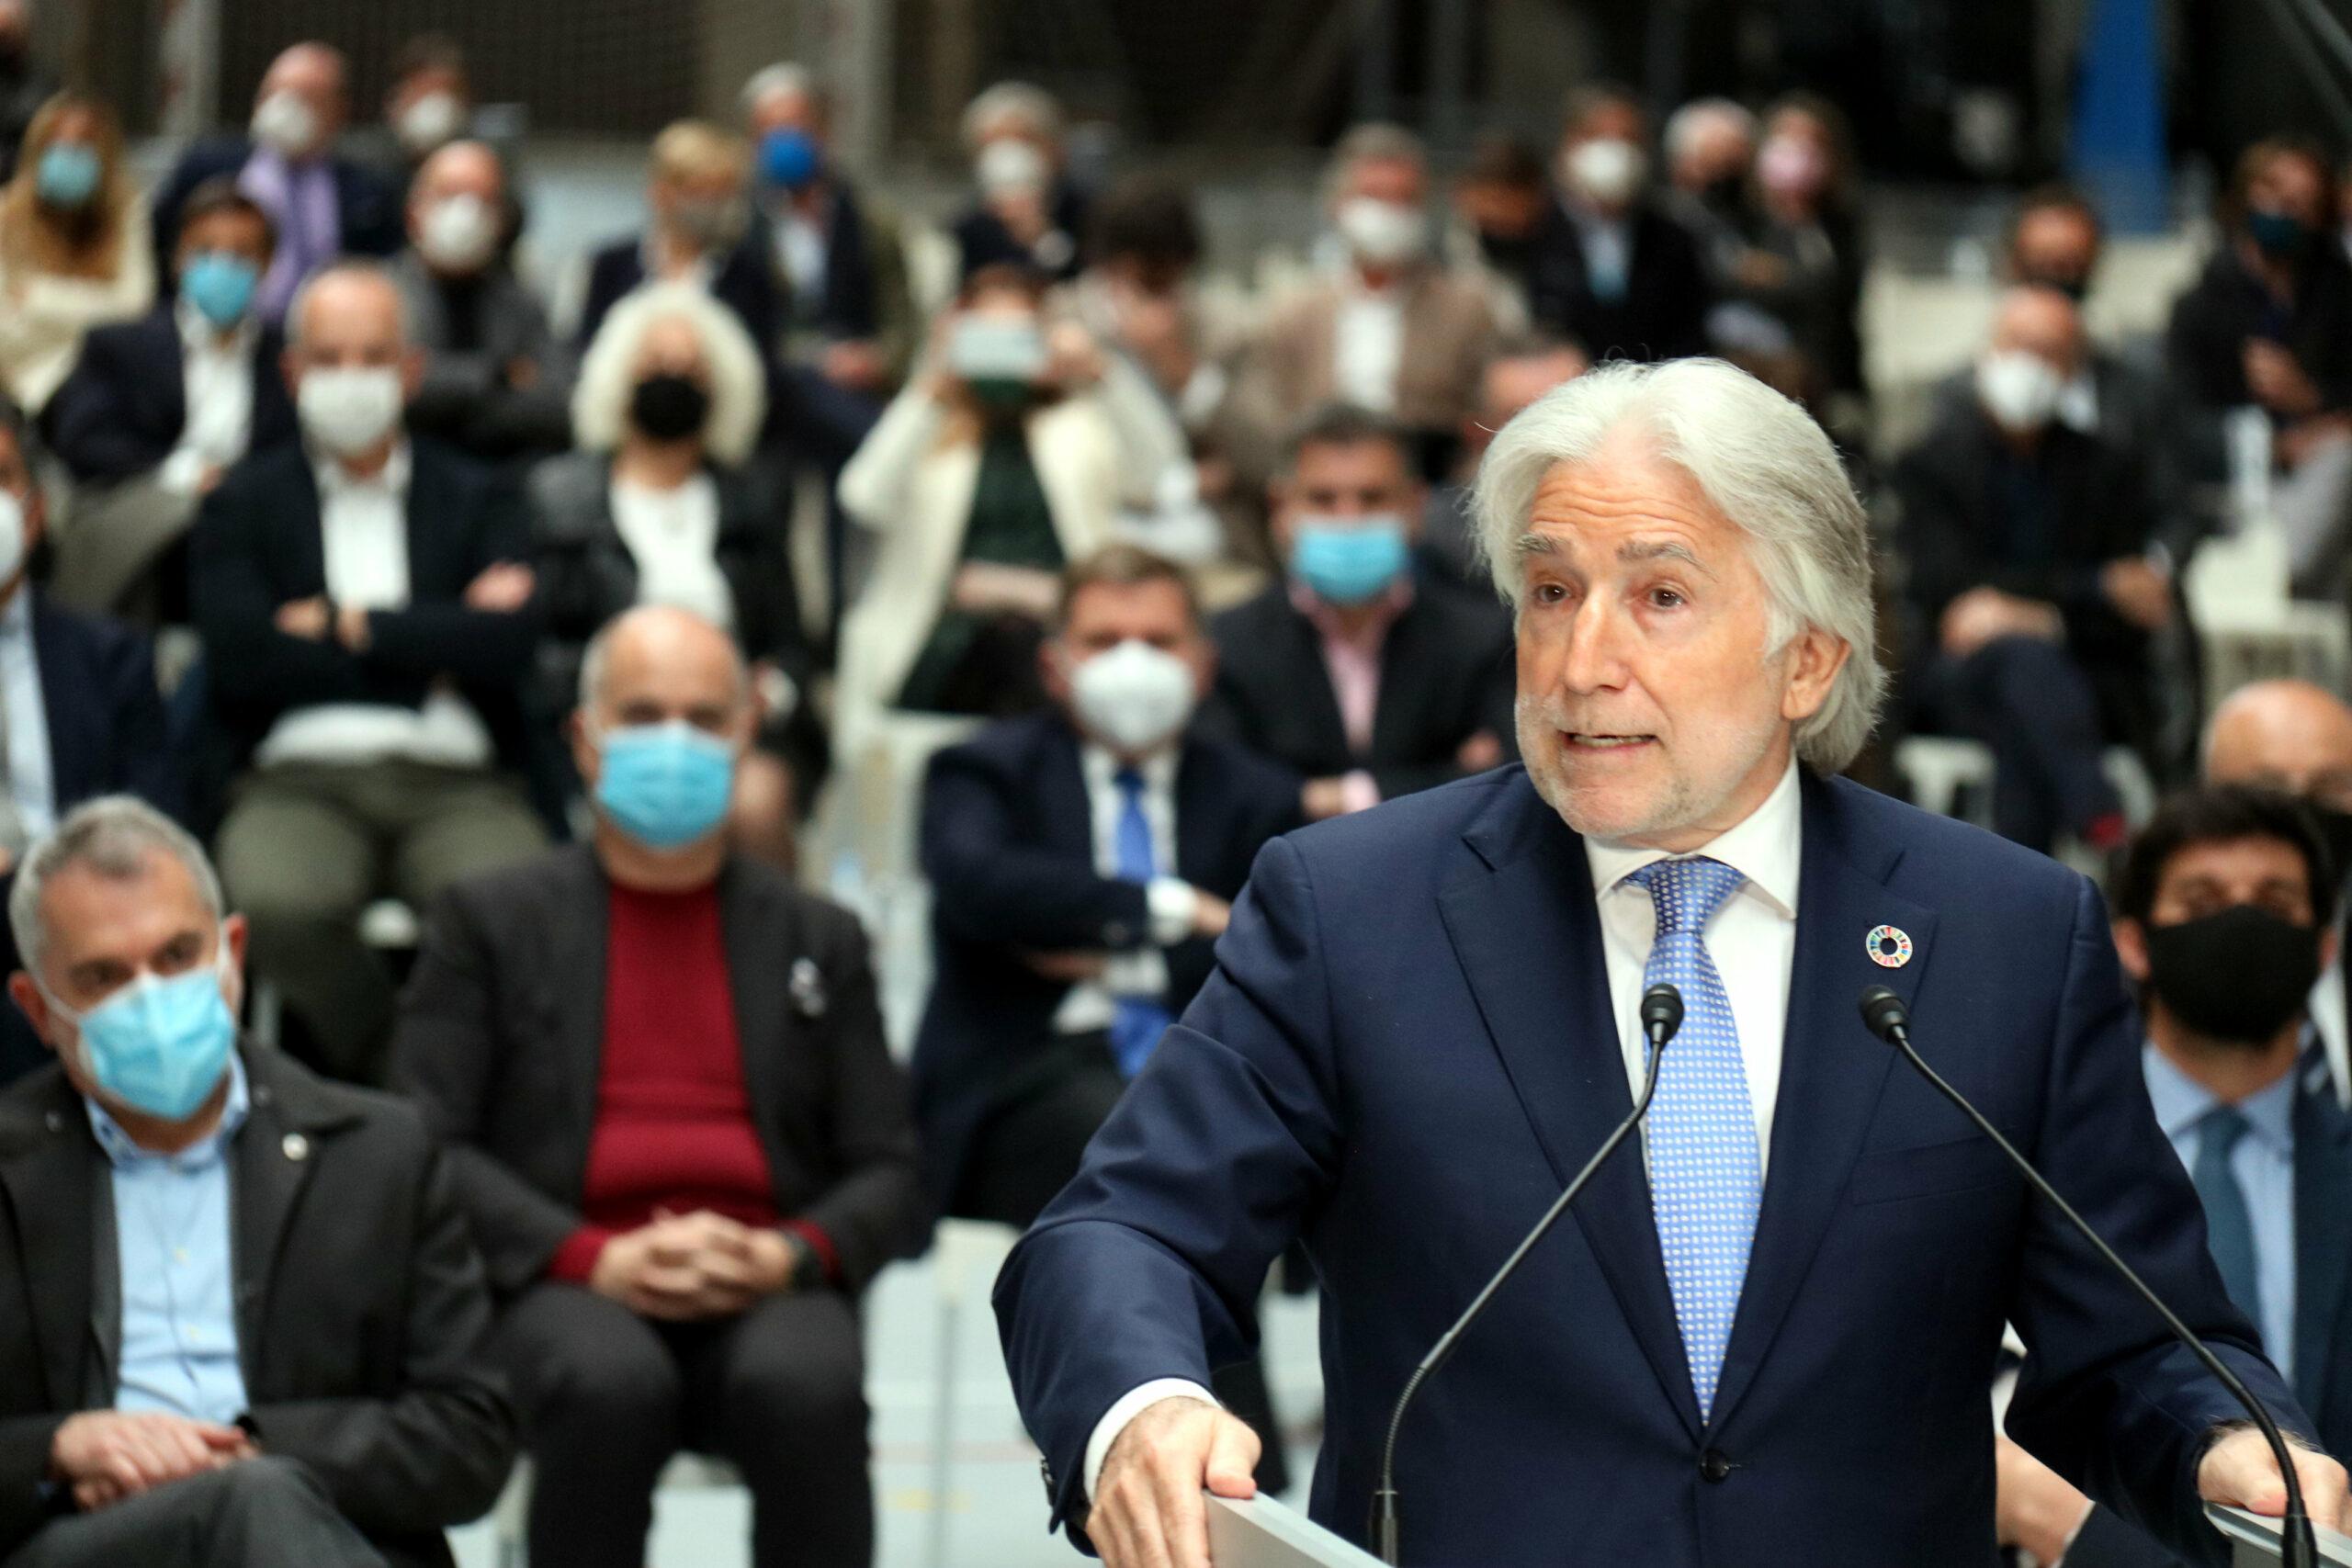 El president de Foment del Treball, Josep Sánchez Llibre, en l'acte convocat per les patronals a l'Estació del Nord (ACN)